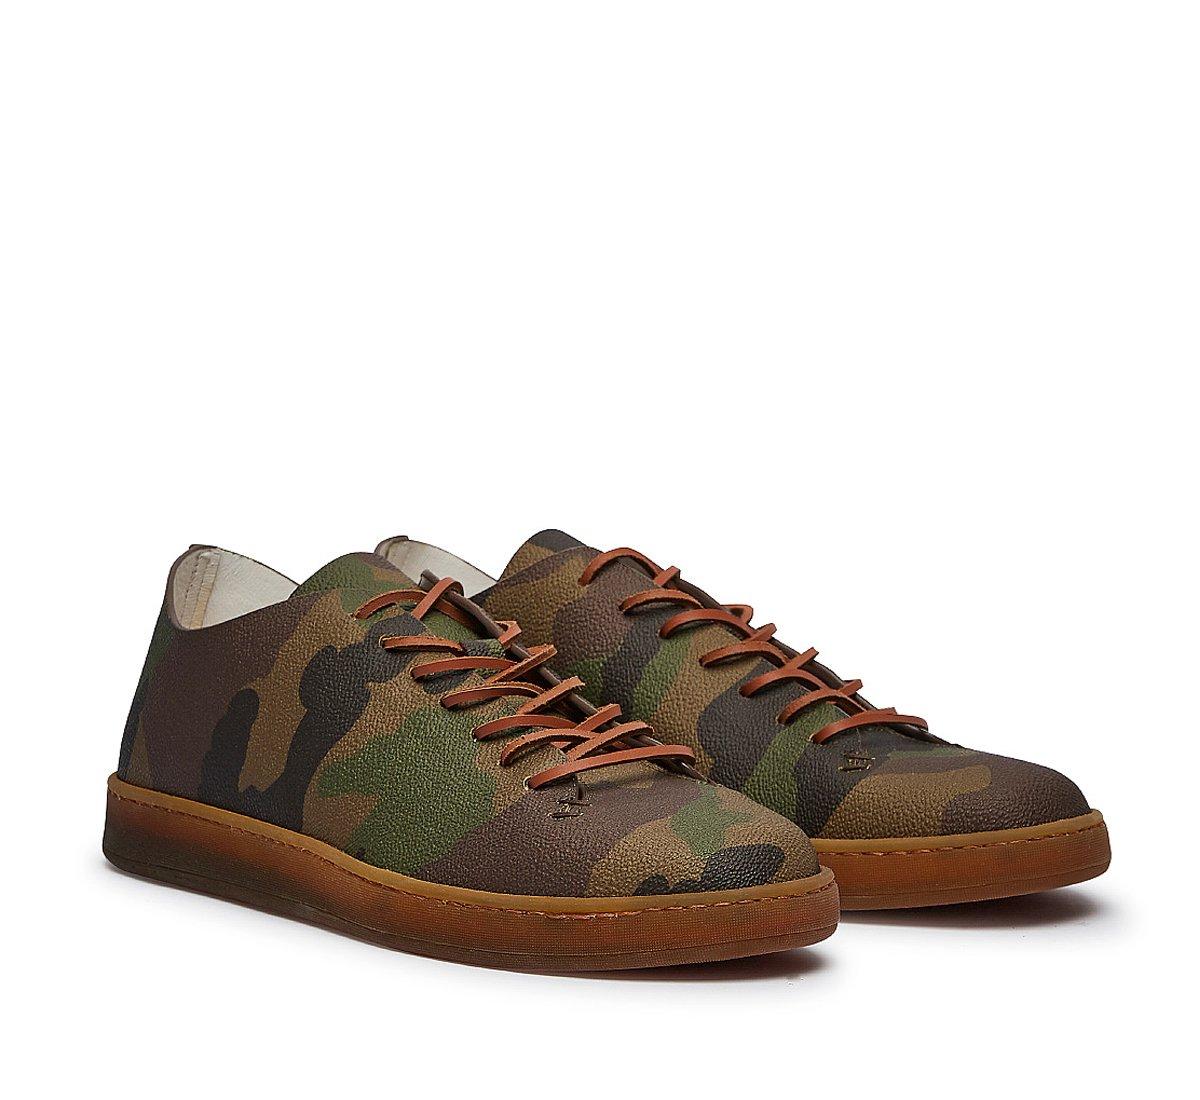 Sneaker HENRY ONLINE EXCLUSIVE